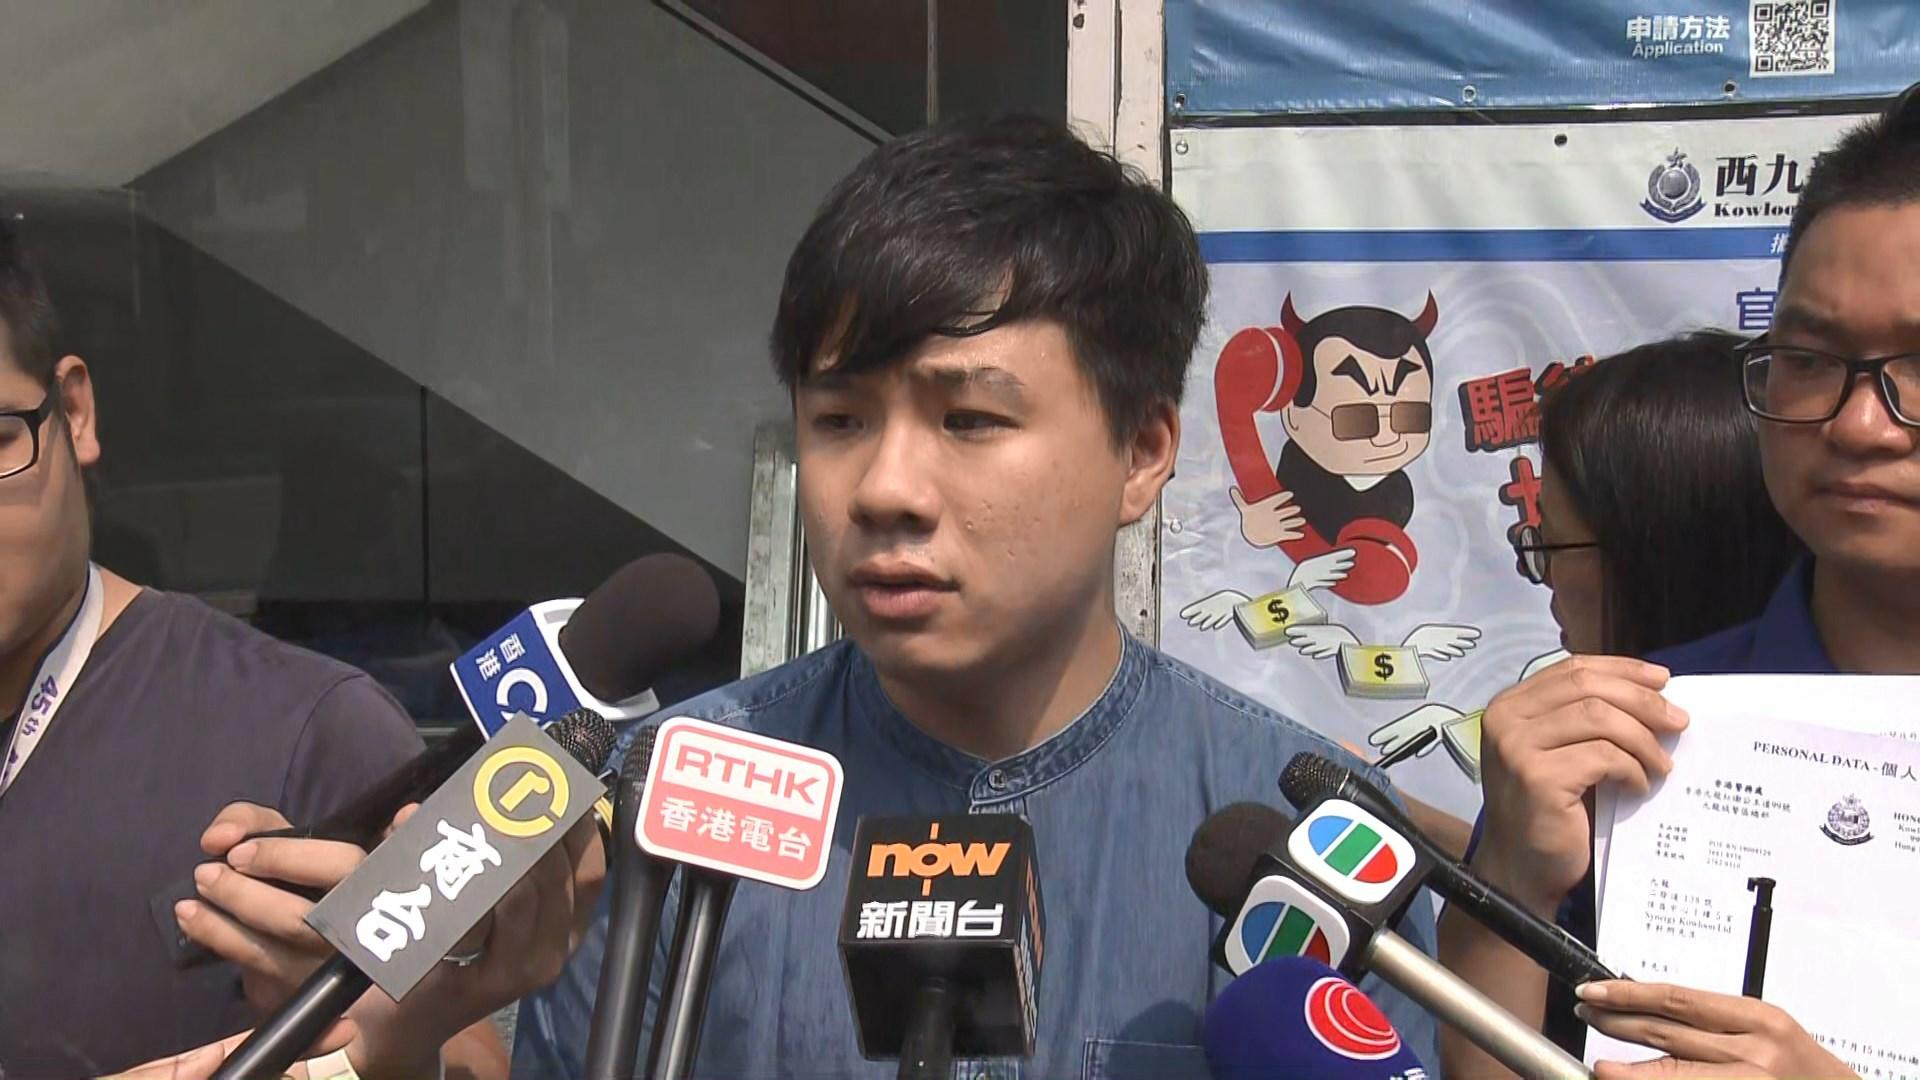 團體擬紅磡土瓜灣遊行 不滿警方要求回答多條問題